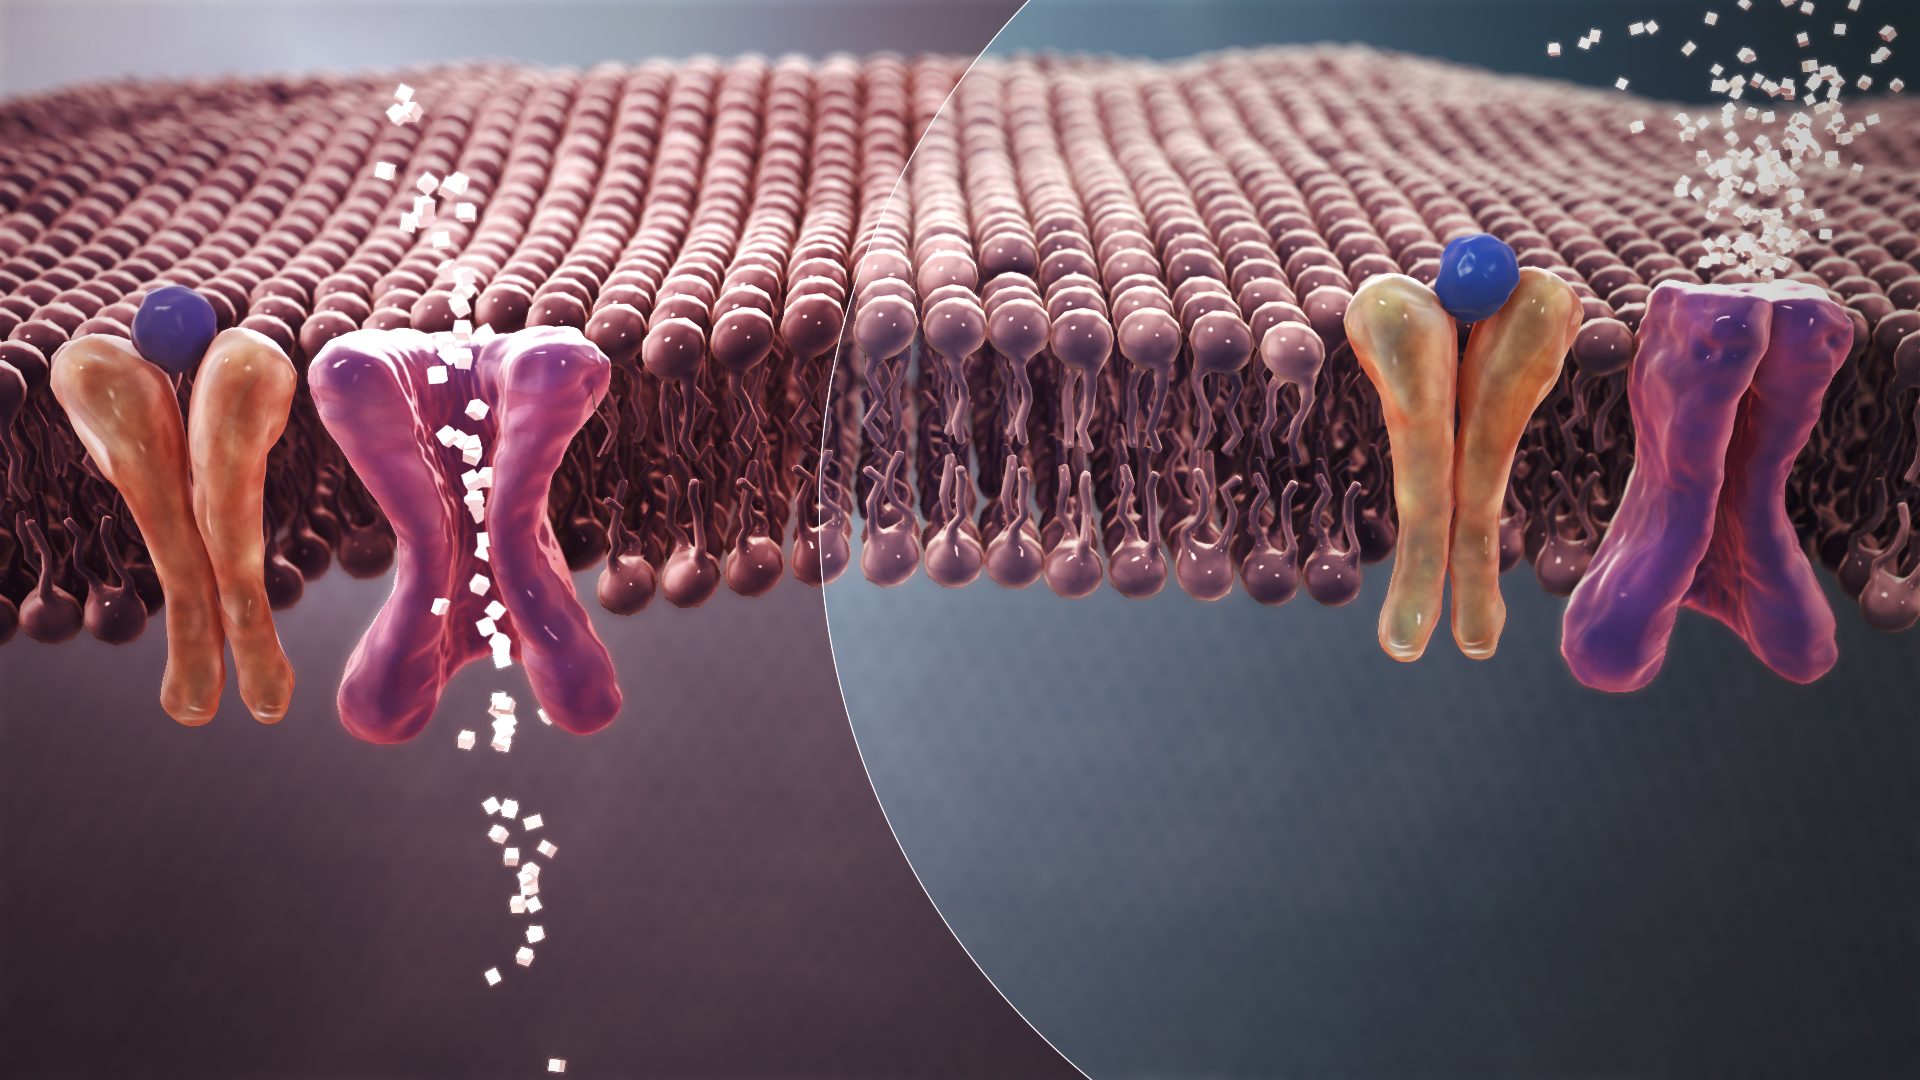 Badanie: Masa urodzeniowa jest ściśle związana z rozwojem cukrzycy typu 2 w późniejszym życiu